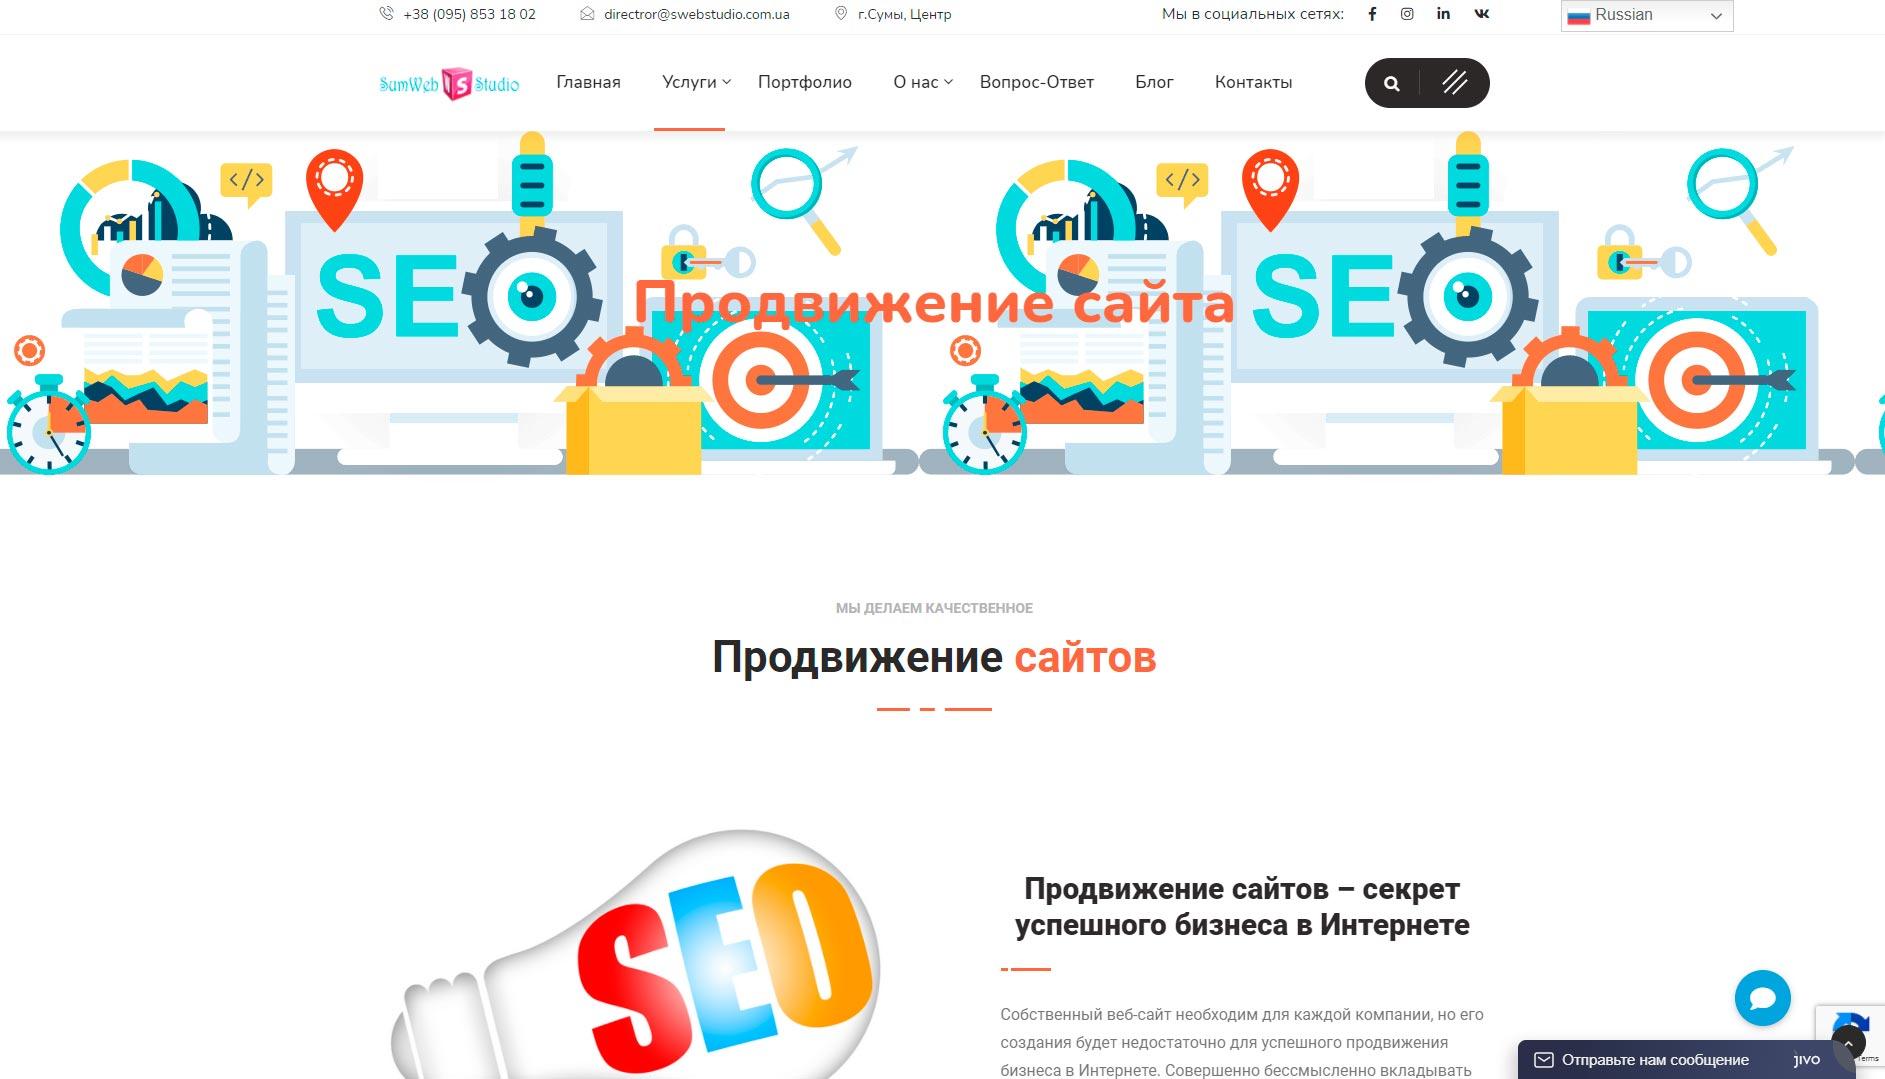 SumWeb - обзор компании, услуги, отзывы, клиенты | Google SEO, Фото № 2 - google-seo.pro